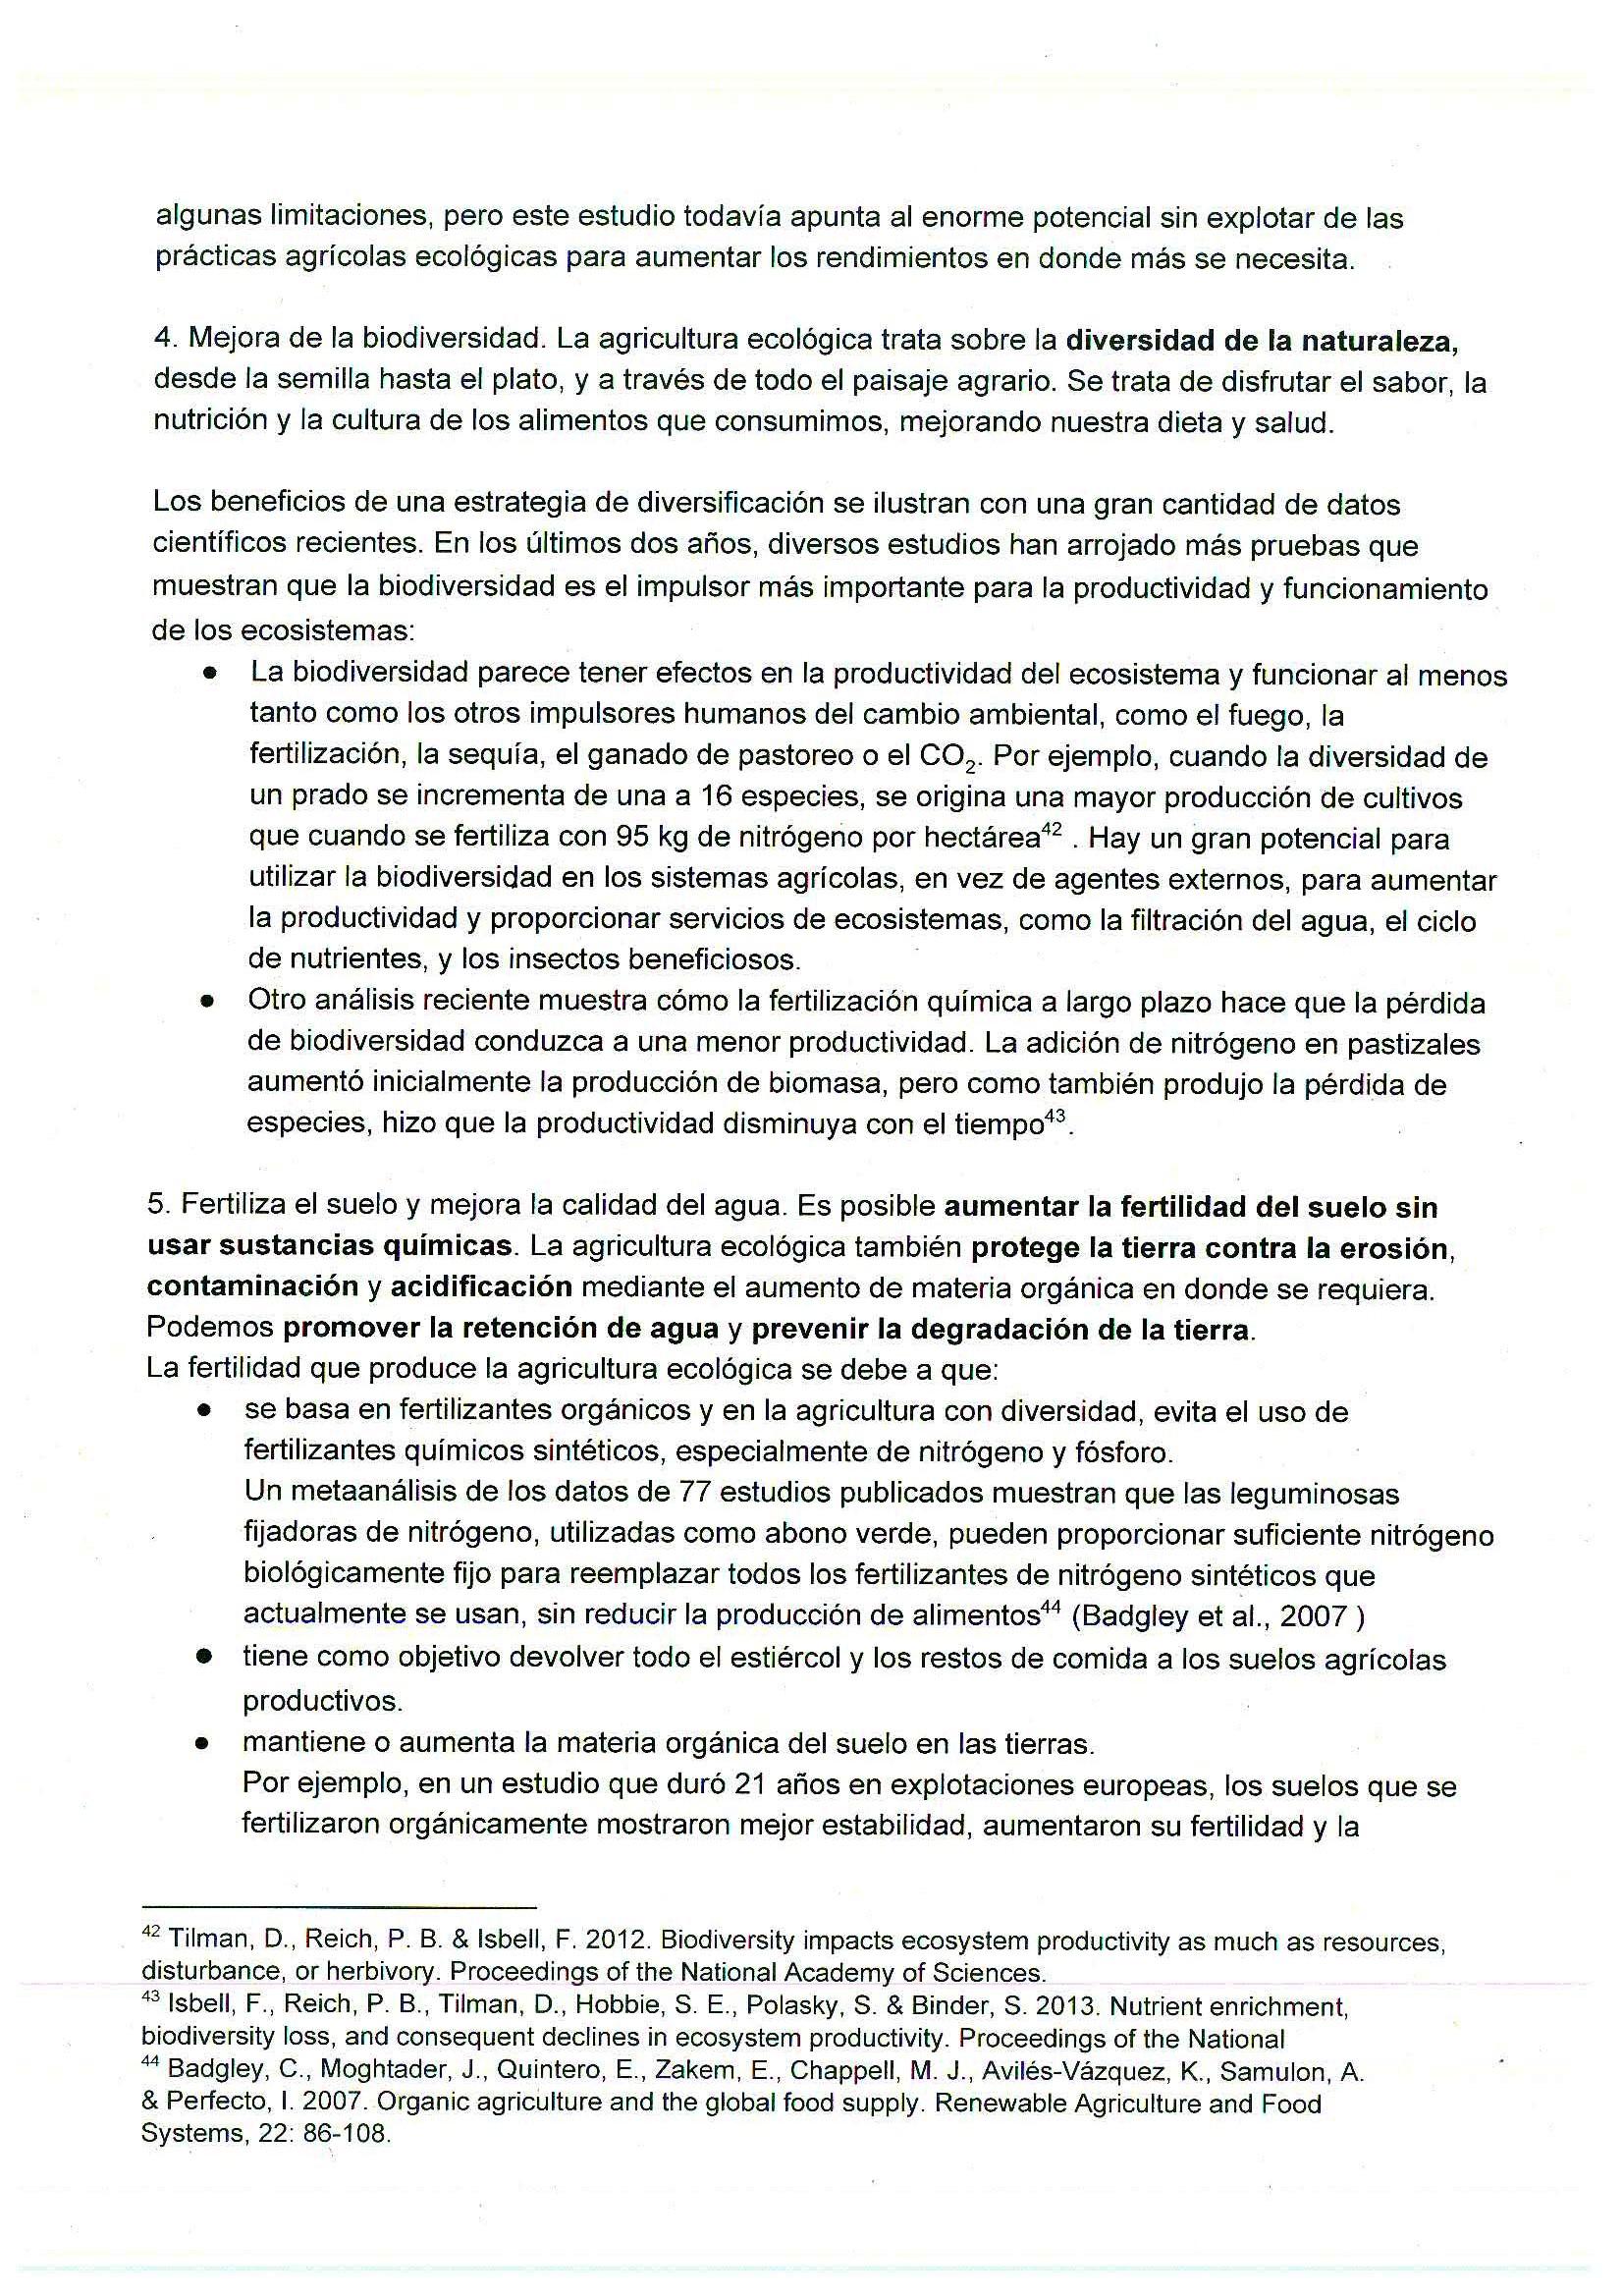 Aldeire.-Carta-ZLT%2c-glifosato-y-compra-publica-ecologica-0014